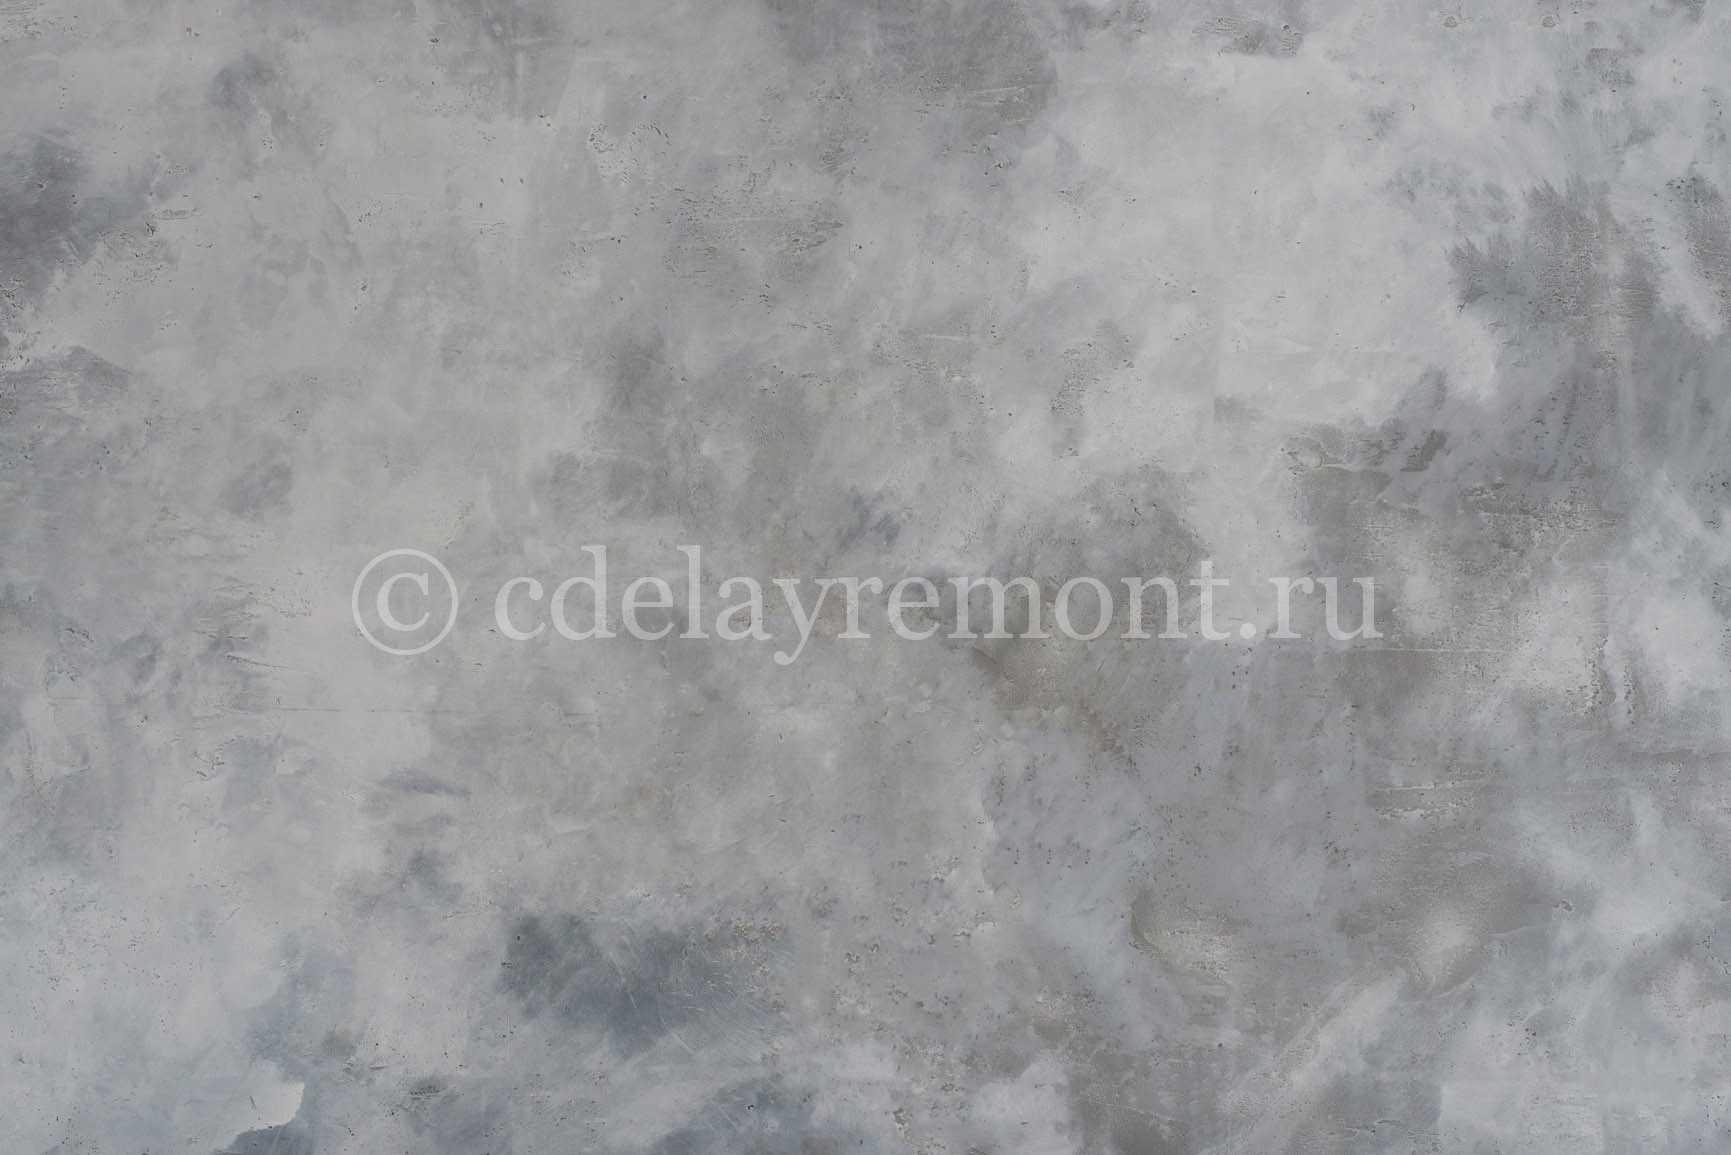 Нанесение декоративного бетона металла и бетона